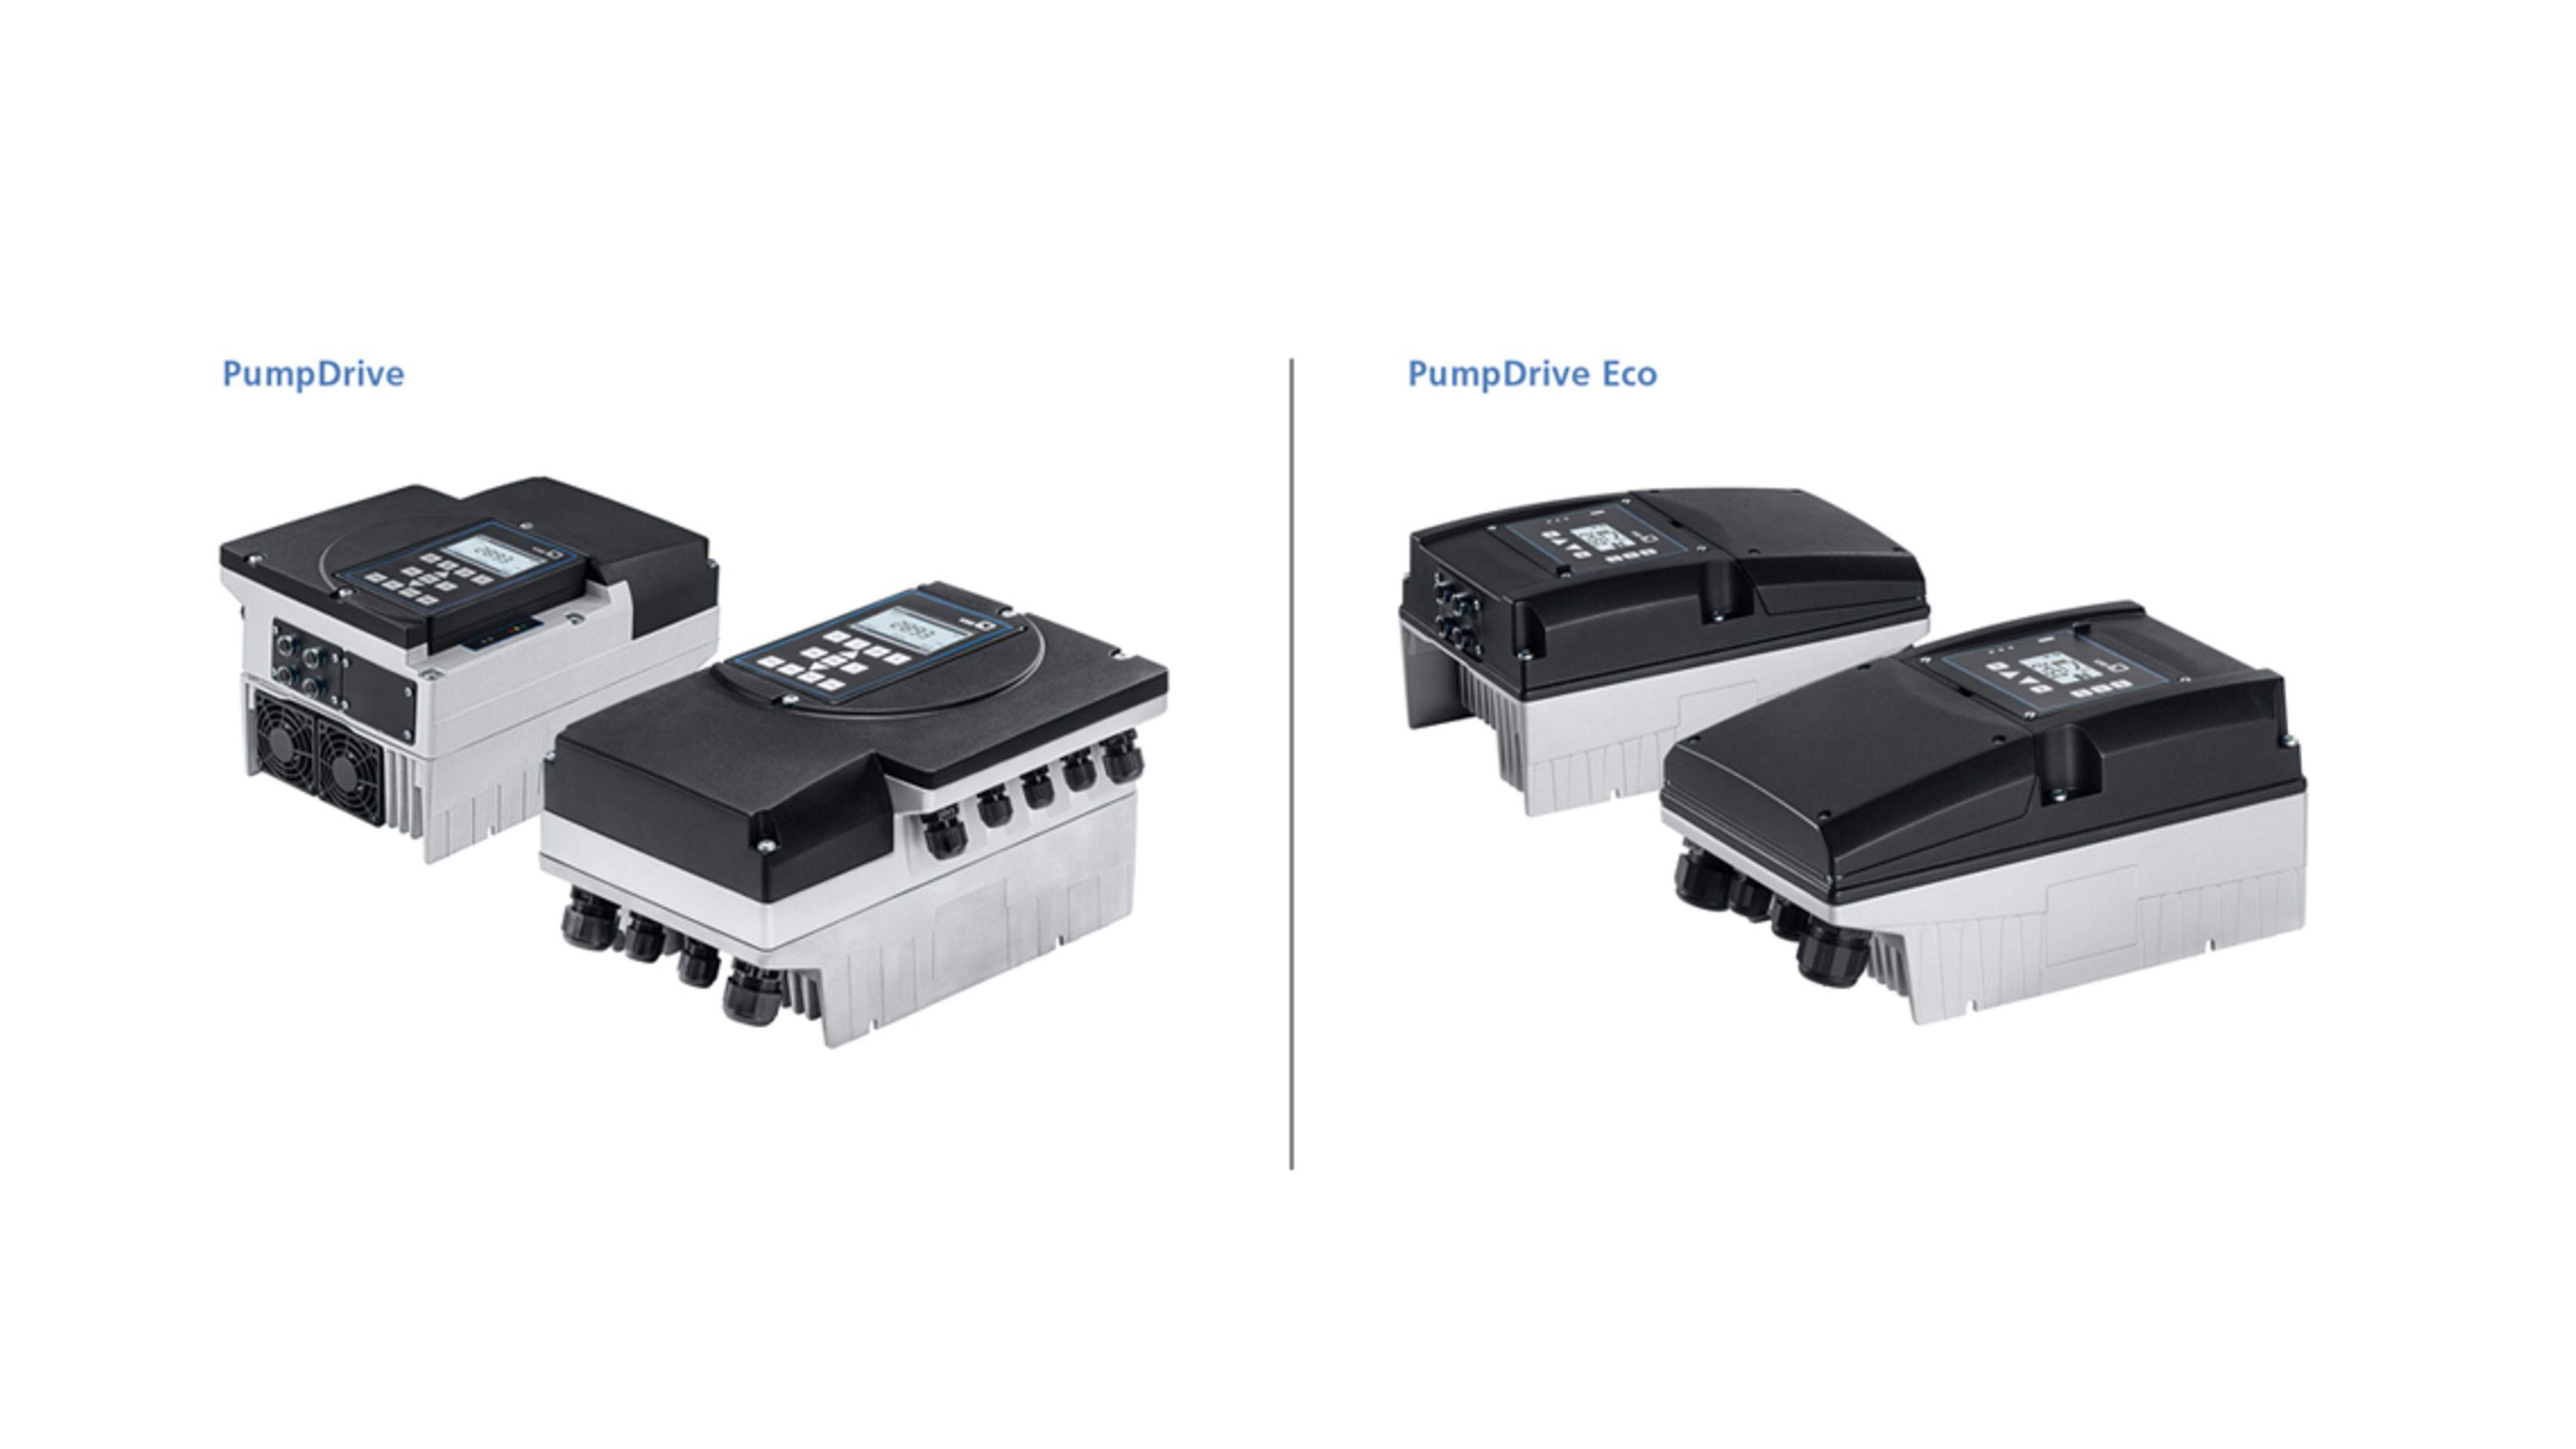 PumpDrive en PumpDrive Eco-versies